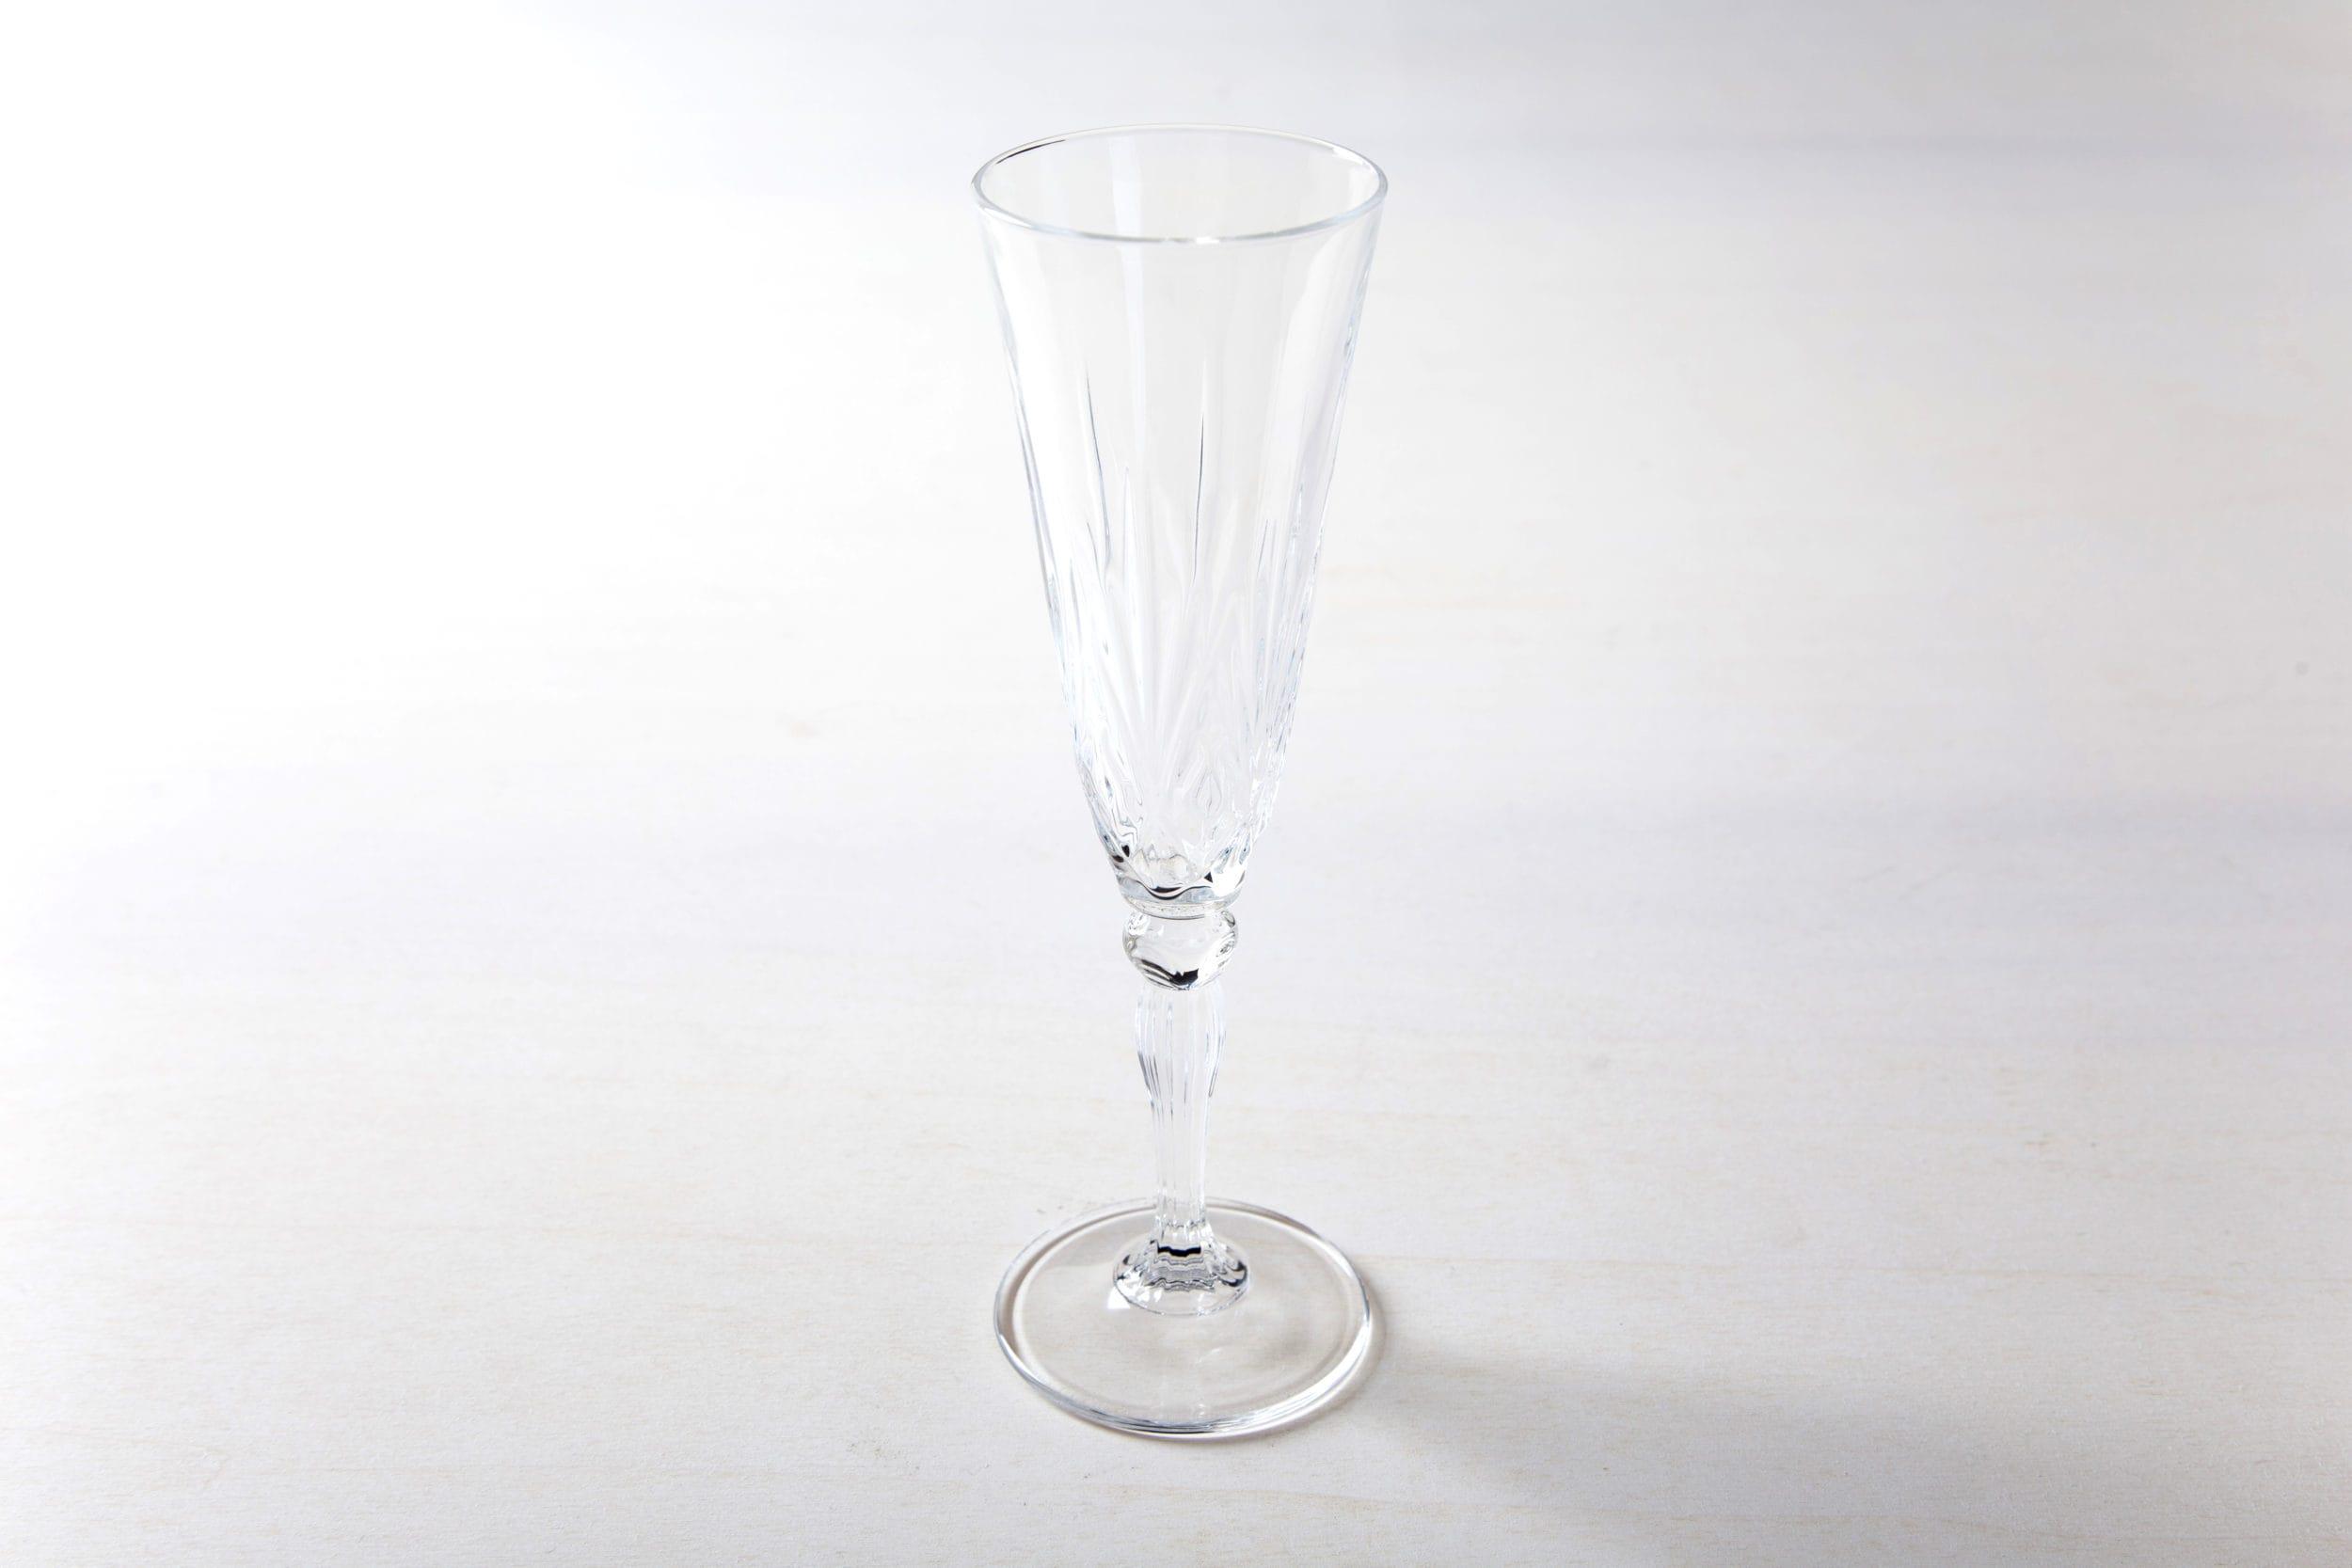 Vermietung, Kristallglas Gläser, Weinglas mieten,, Retro Style, Berlin, Hamburg, Köln